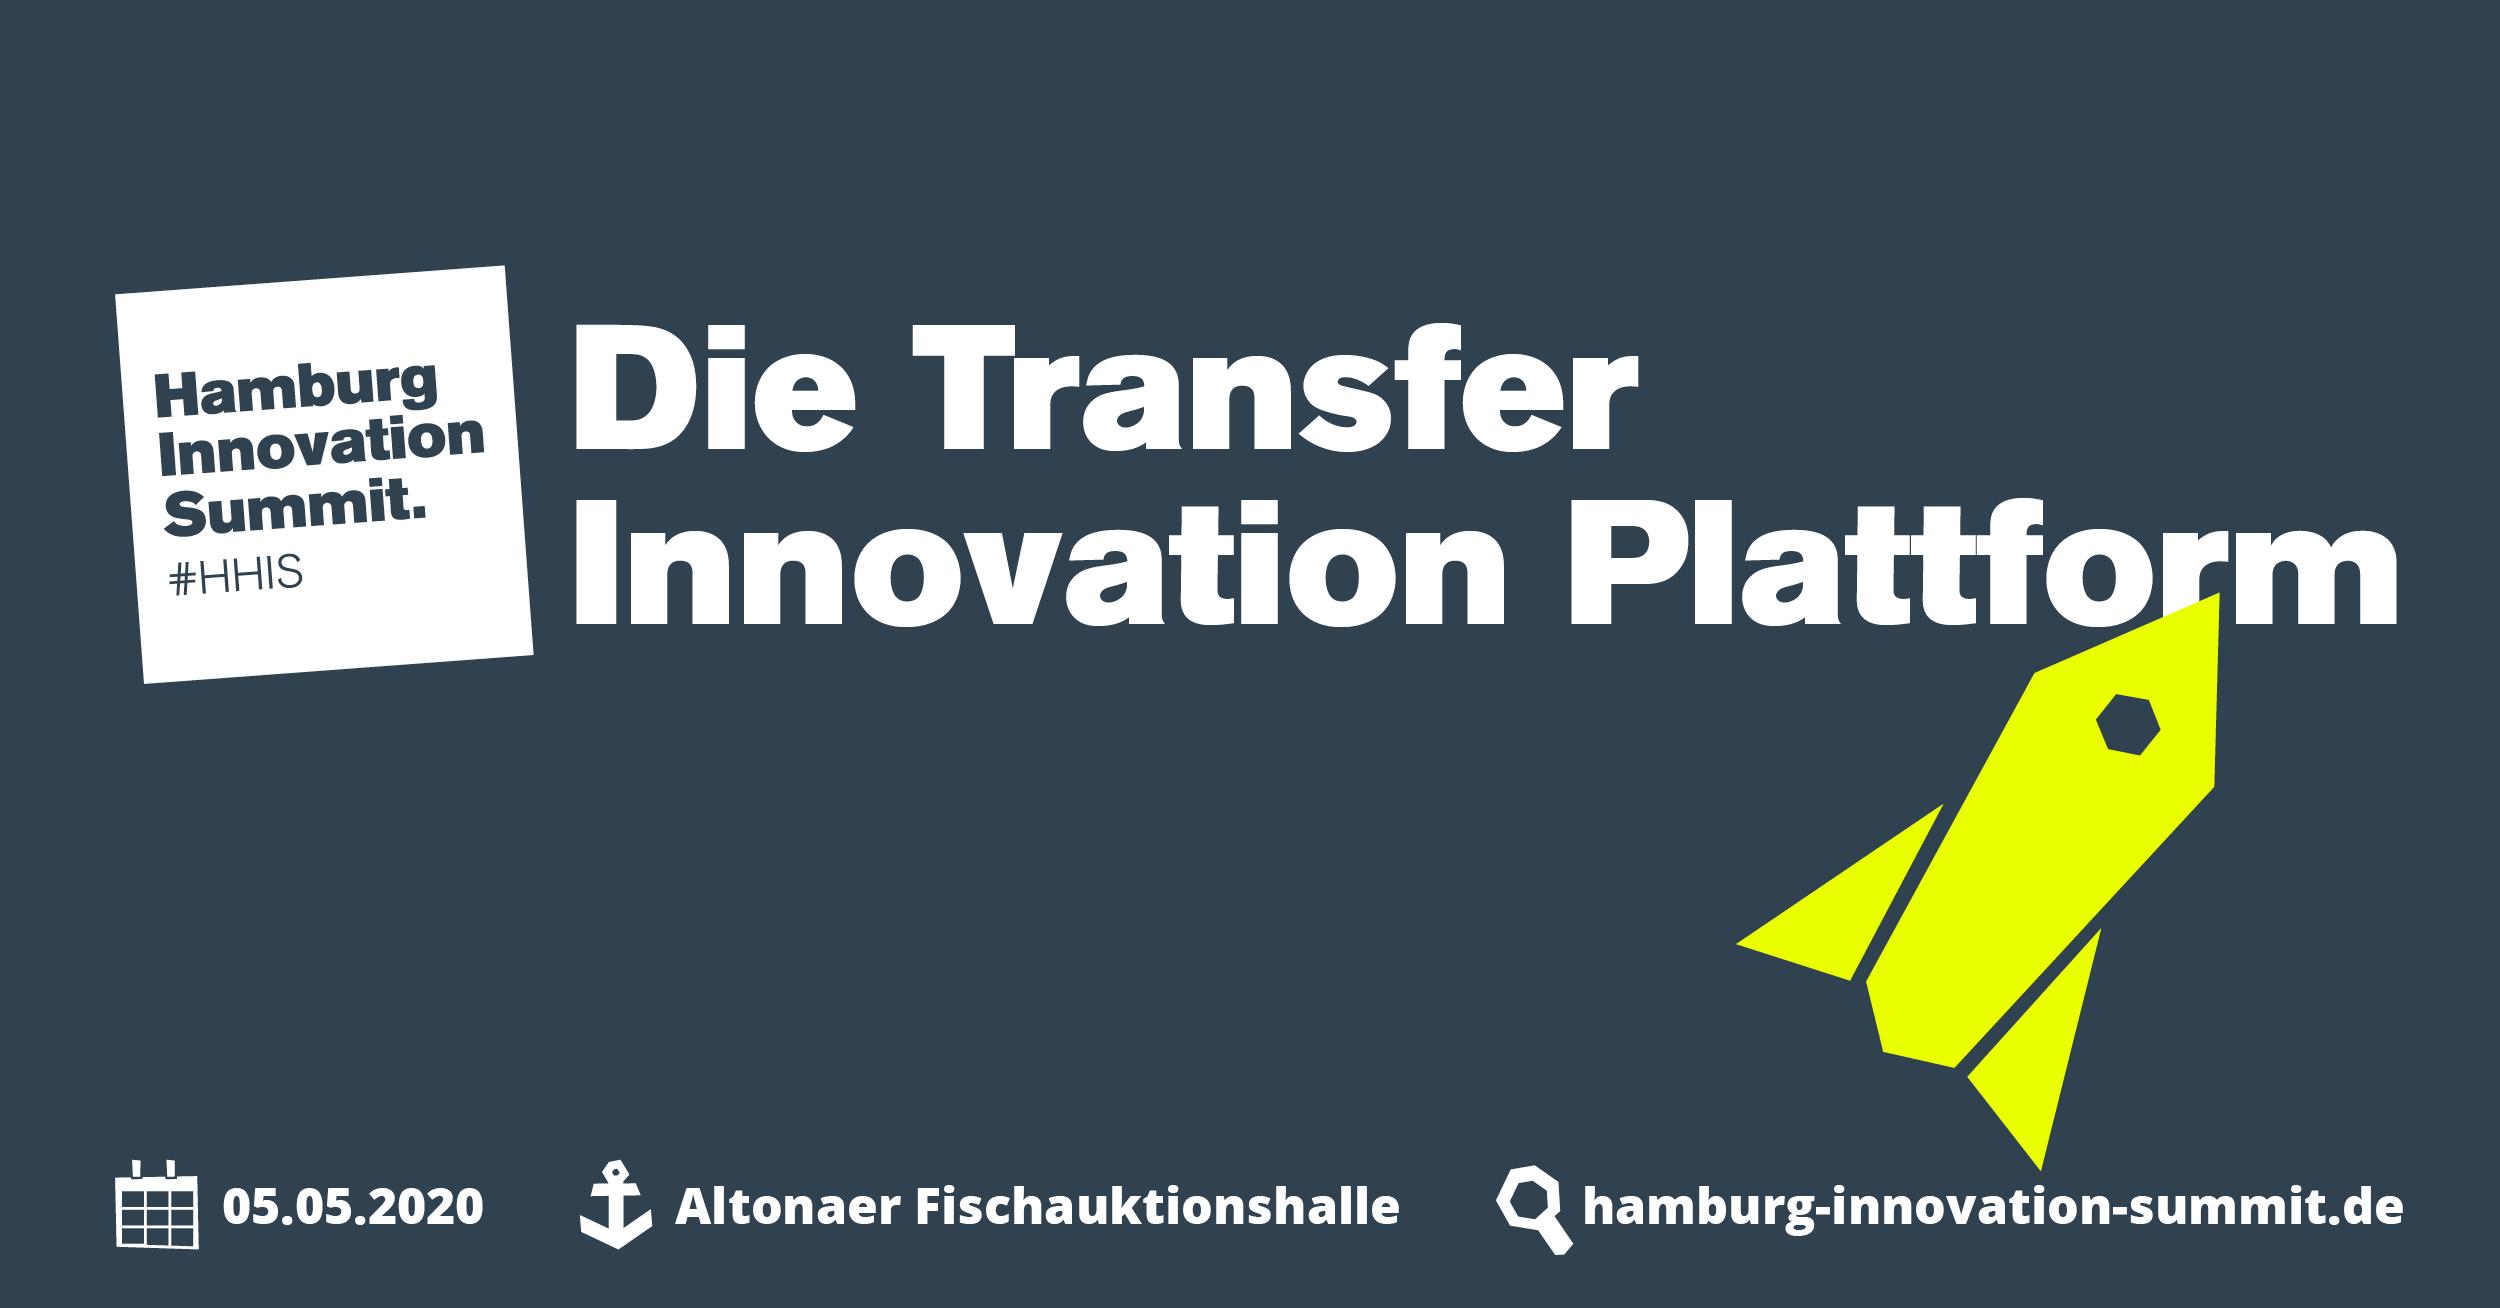 Hamburg Innovation Summit 2020 (#HHIS)